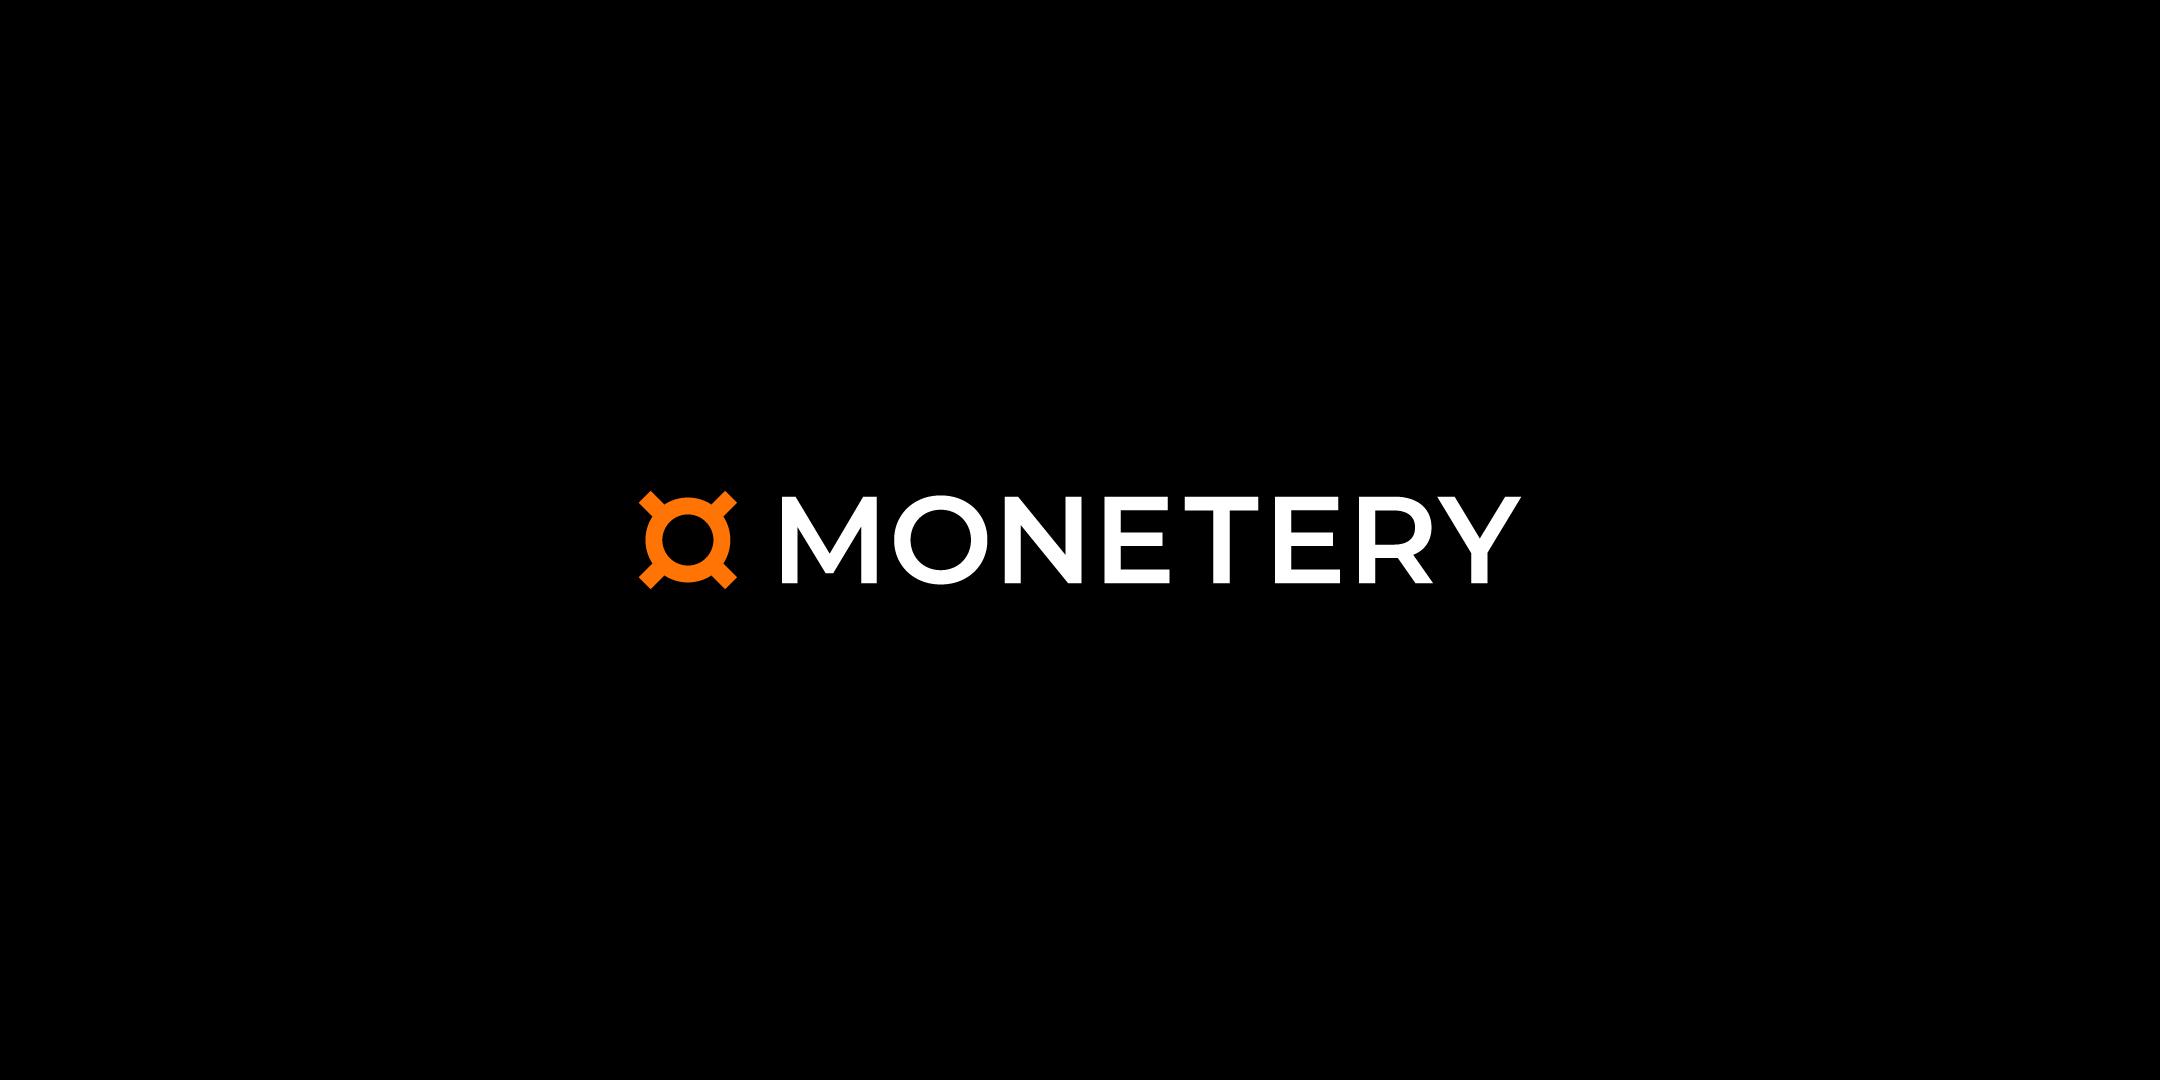 Monetery | Dwolla Raises $10,265 for Pi515